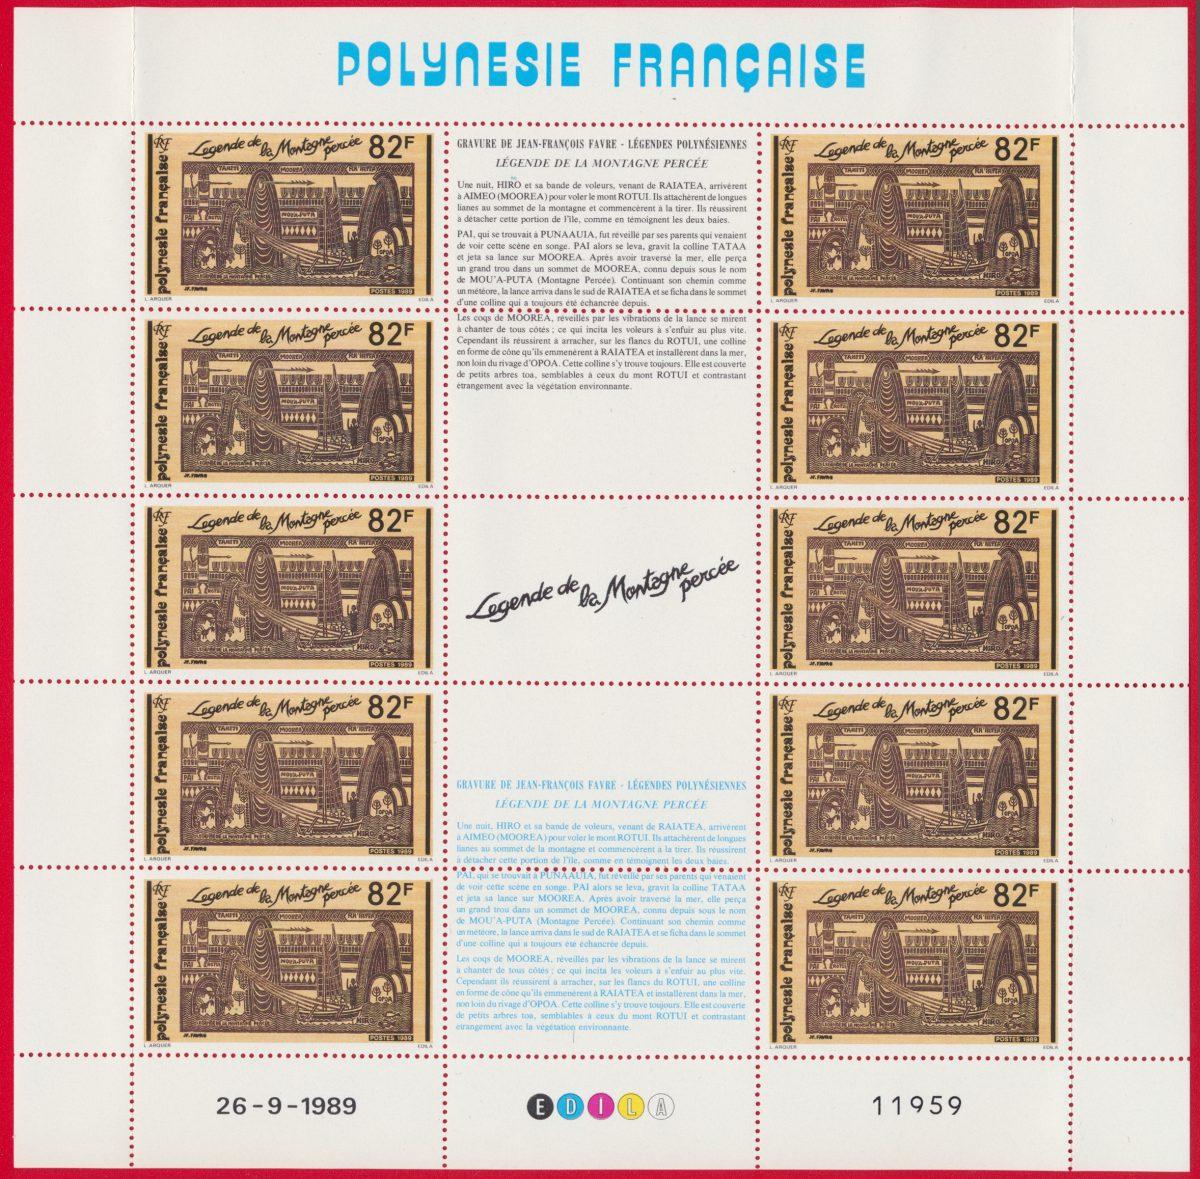 bloc-polynesie-francaise-26-9-1989-82-francs-legende-montagne-percee